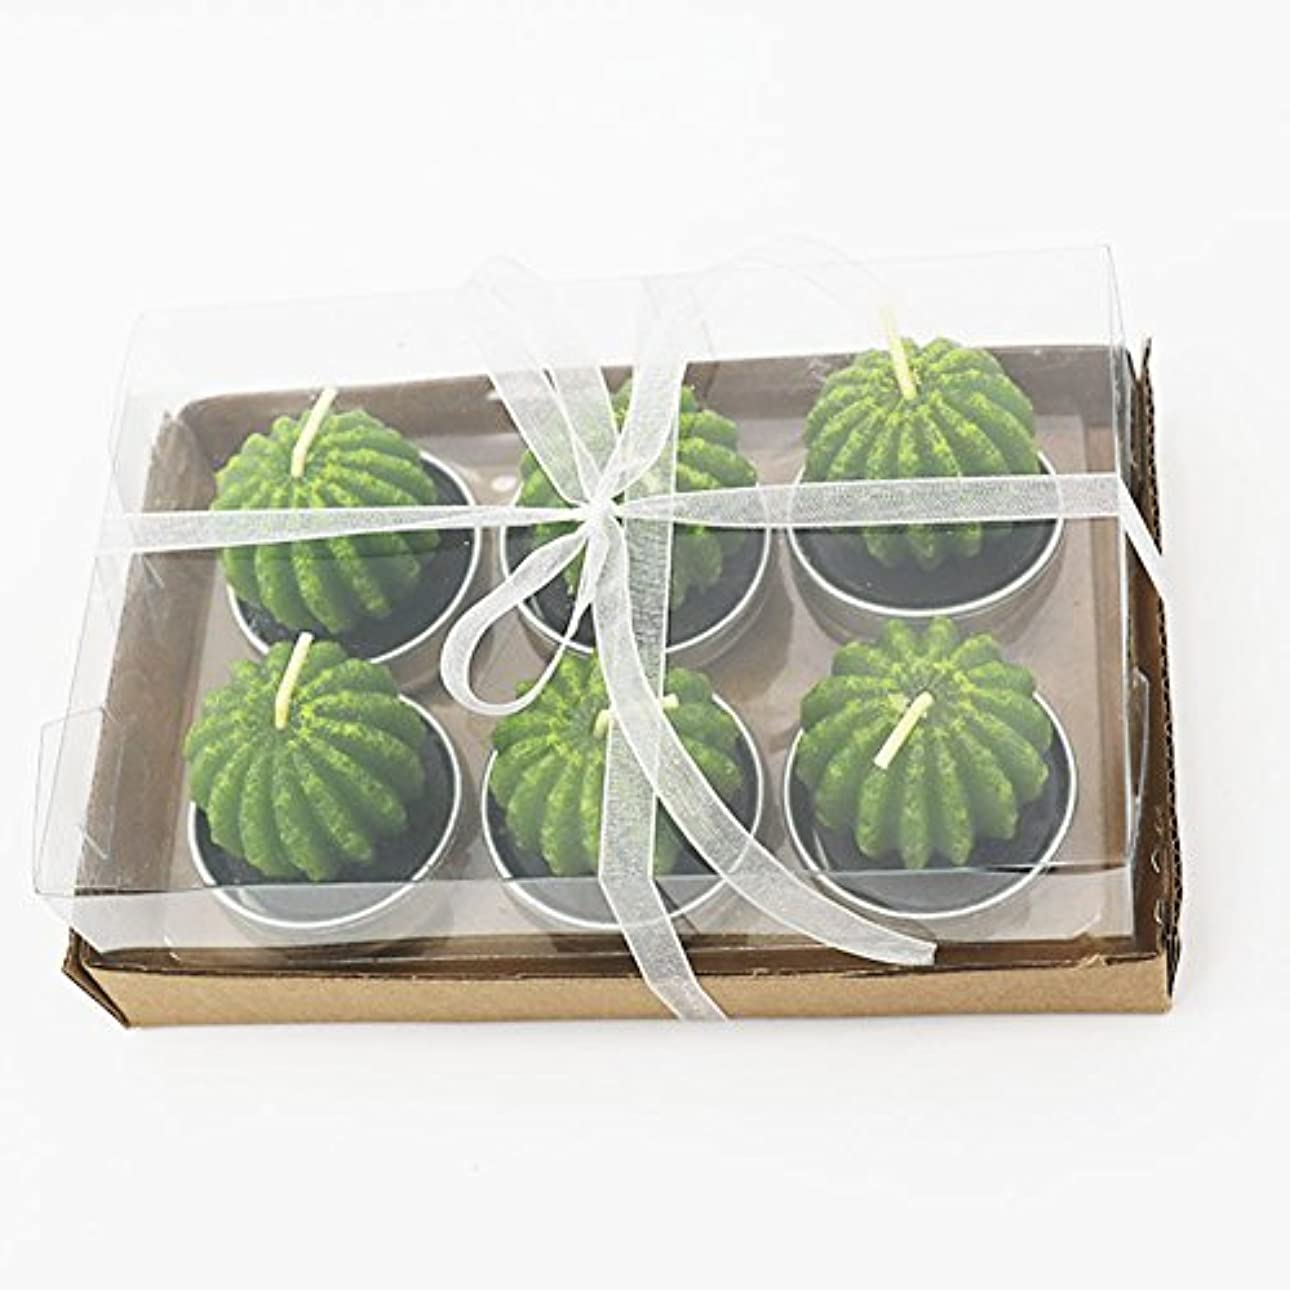 オフシンク羊飼いLiebeye キャンドル 多肉植物スモークフリーのクリエイティブなキャンドル100%自然のワックスかわいい模造植物フルーツの形状低温キャンドル 6個/箱 妖精のボール箱